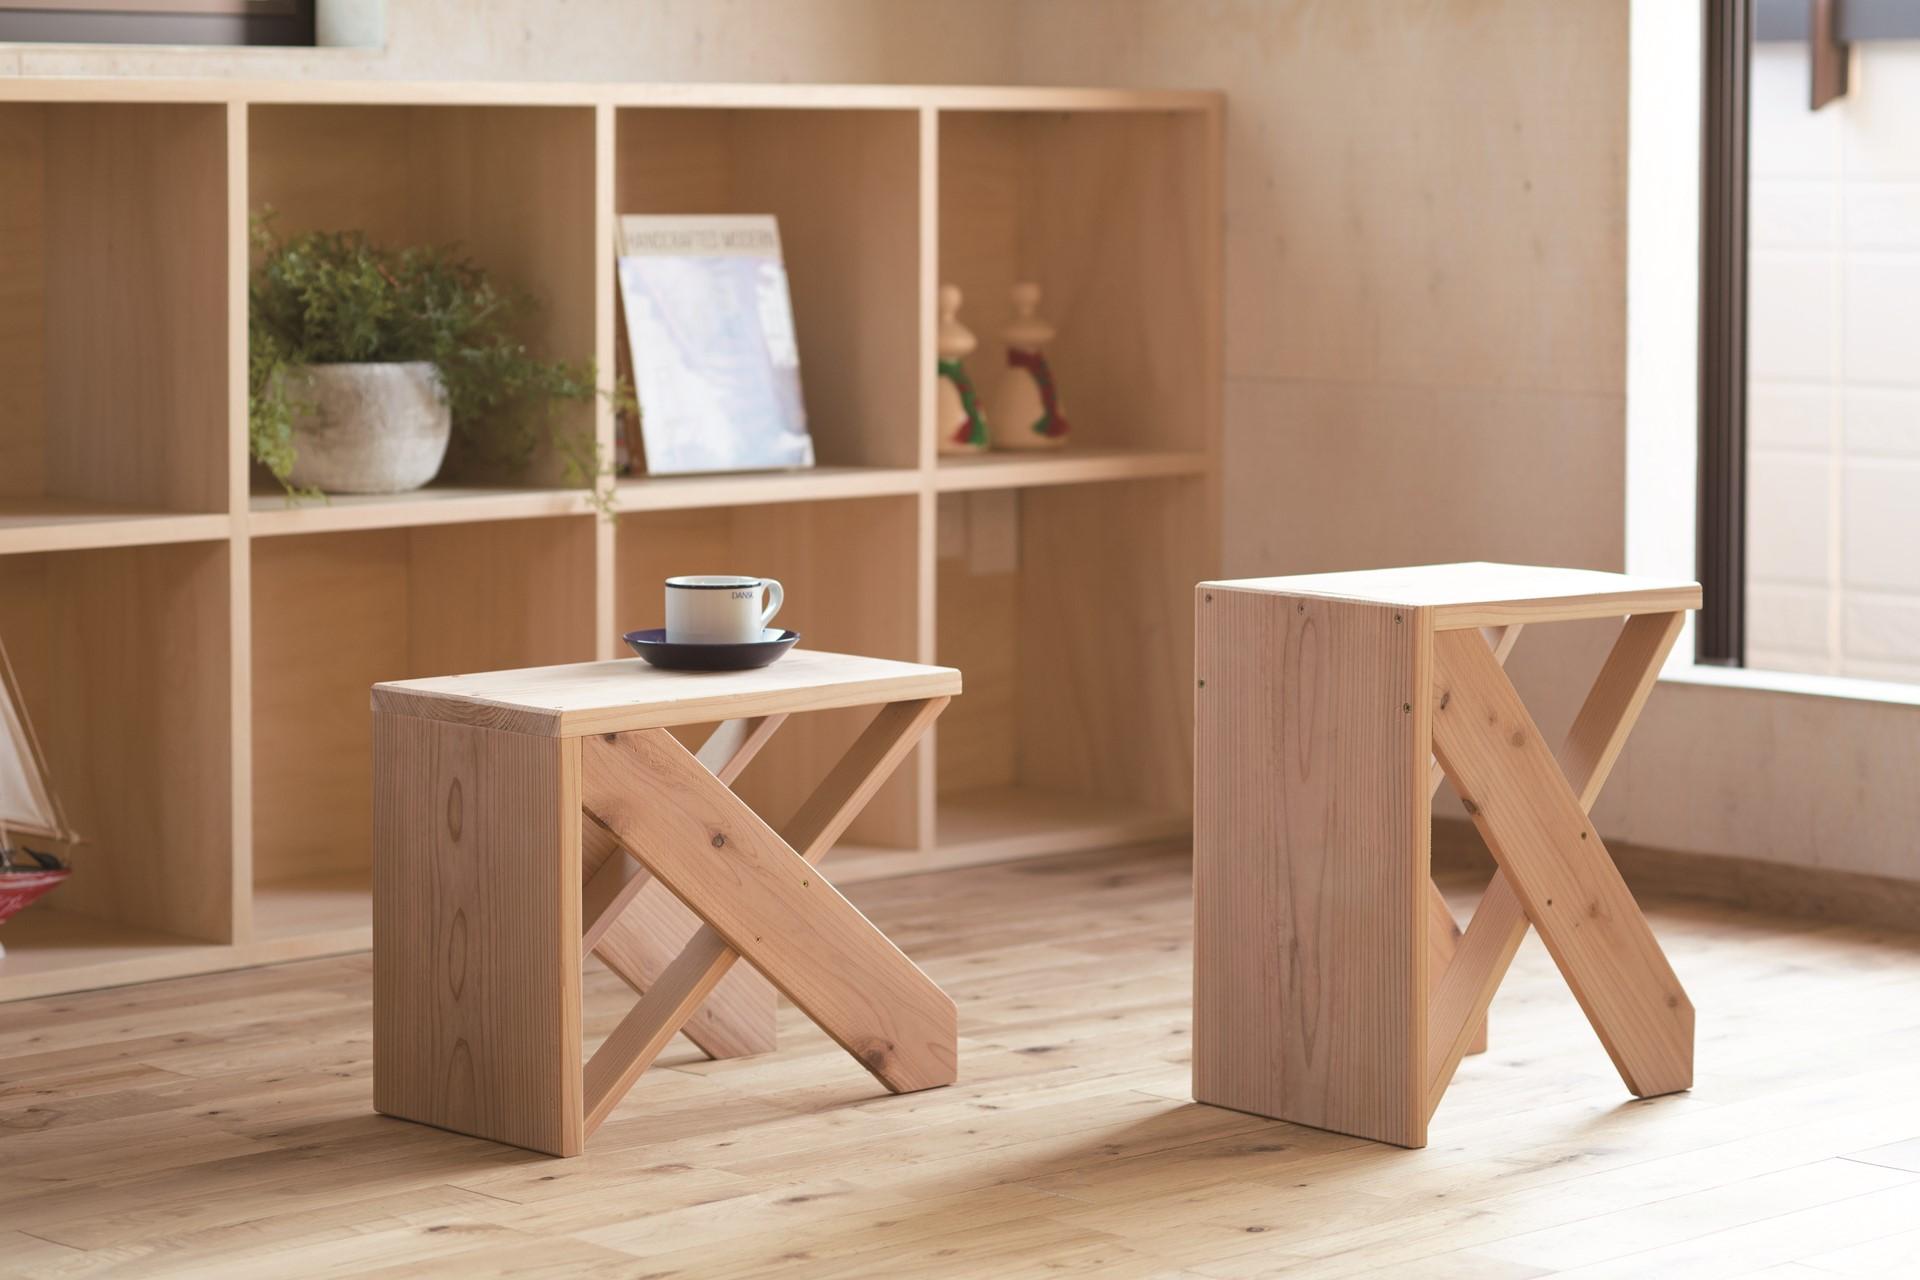 杉でつくる家具 木工家ウィークNAGOYA